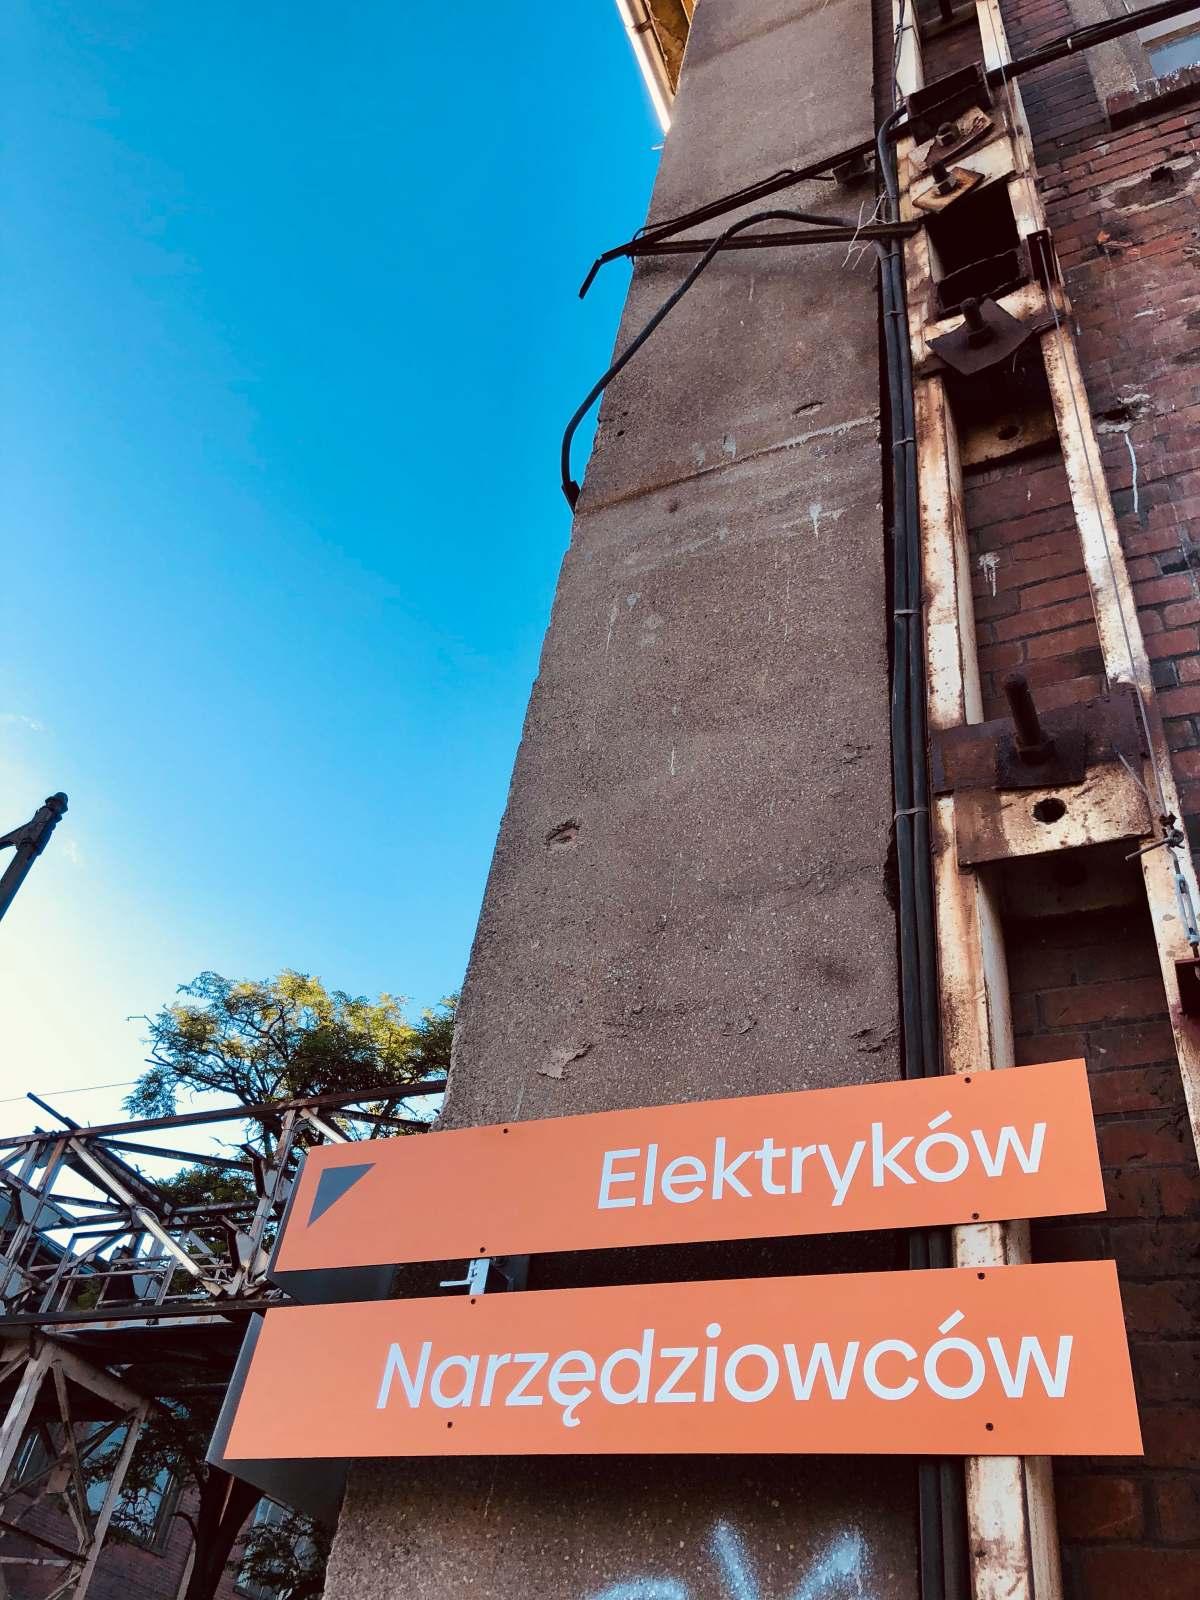 Ulica Elektryków